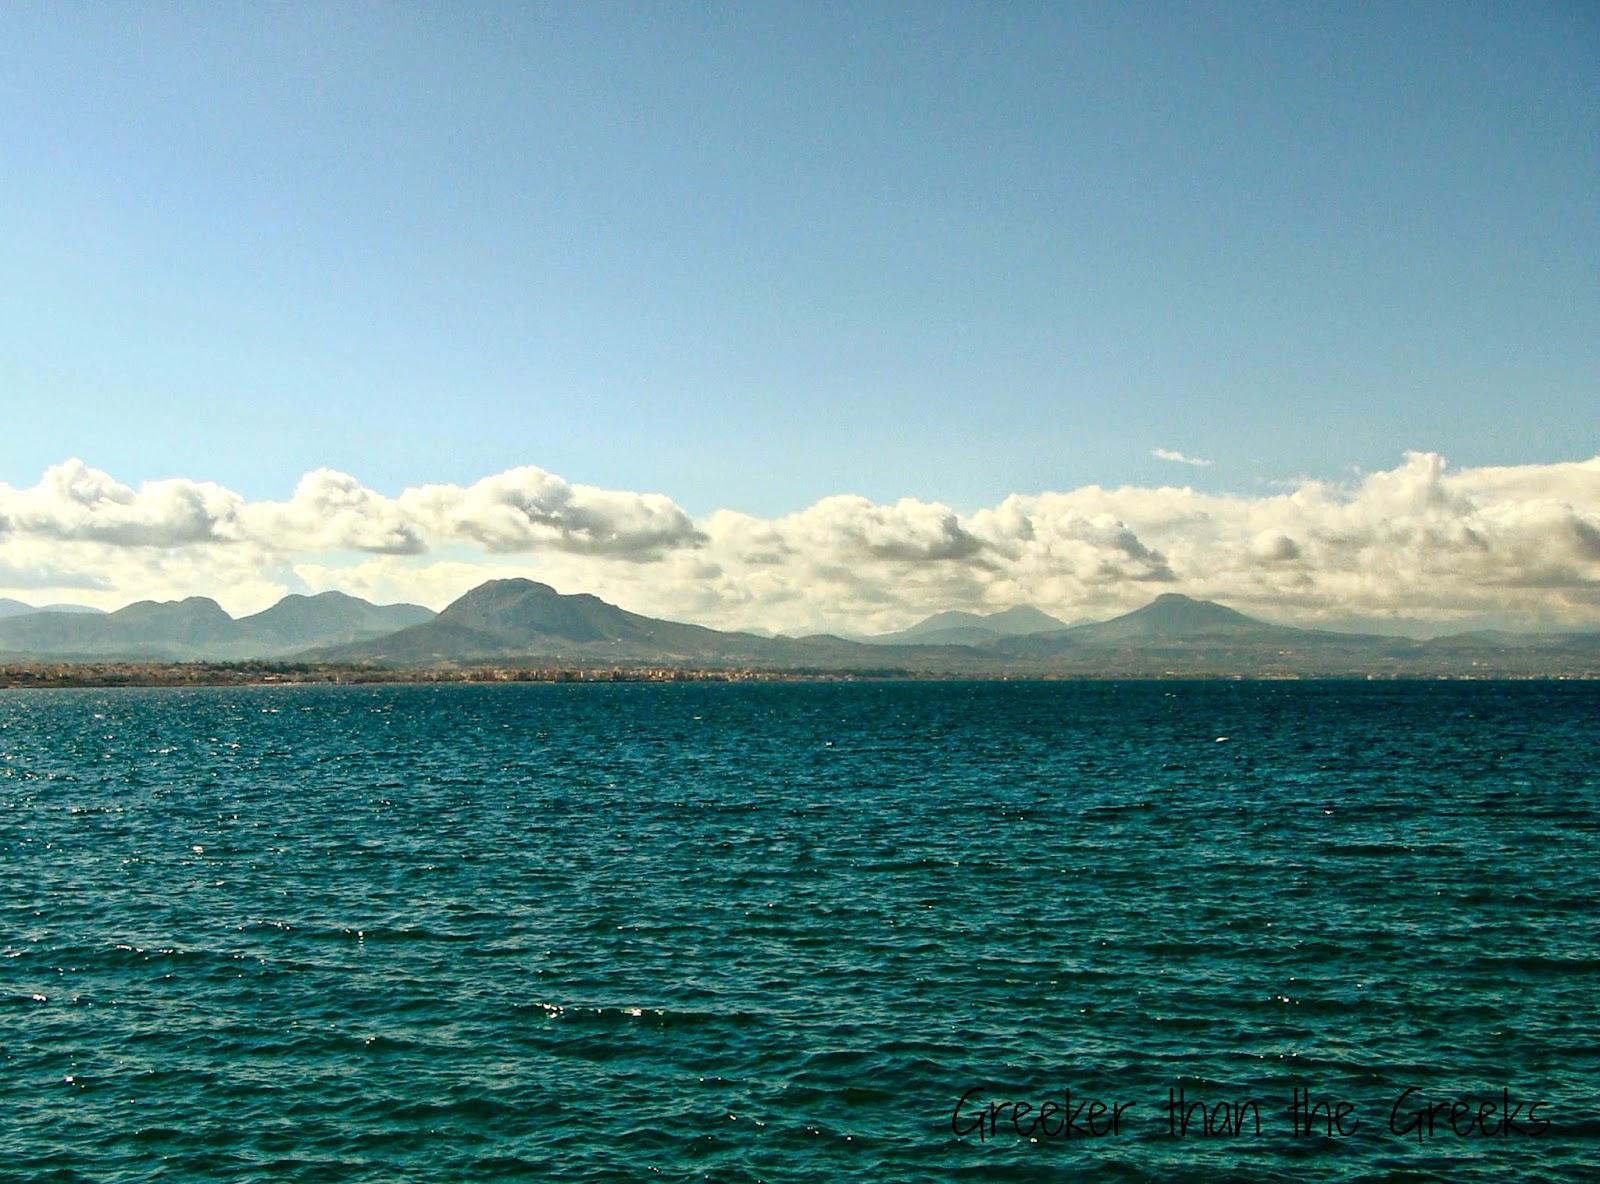 The sea, the deep blue sea